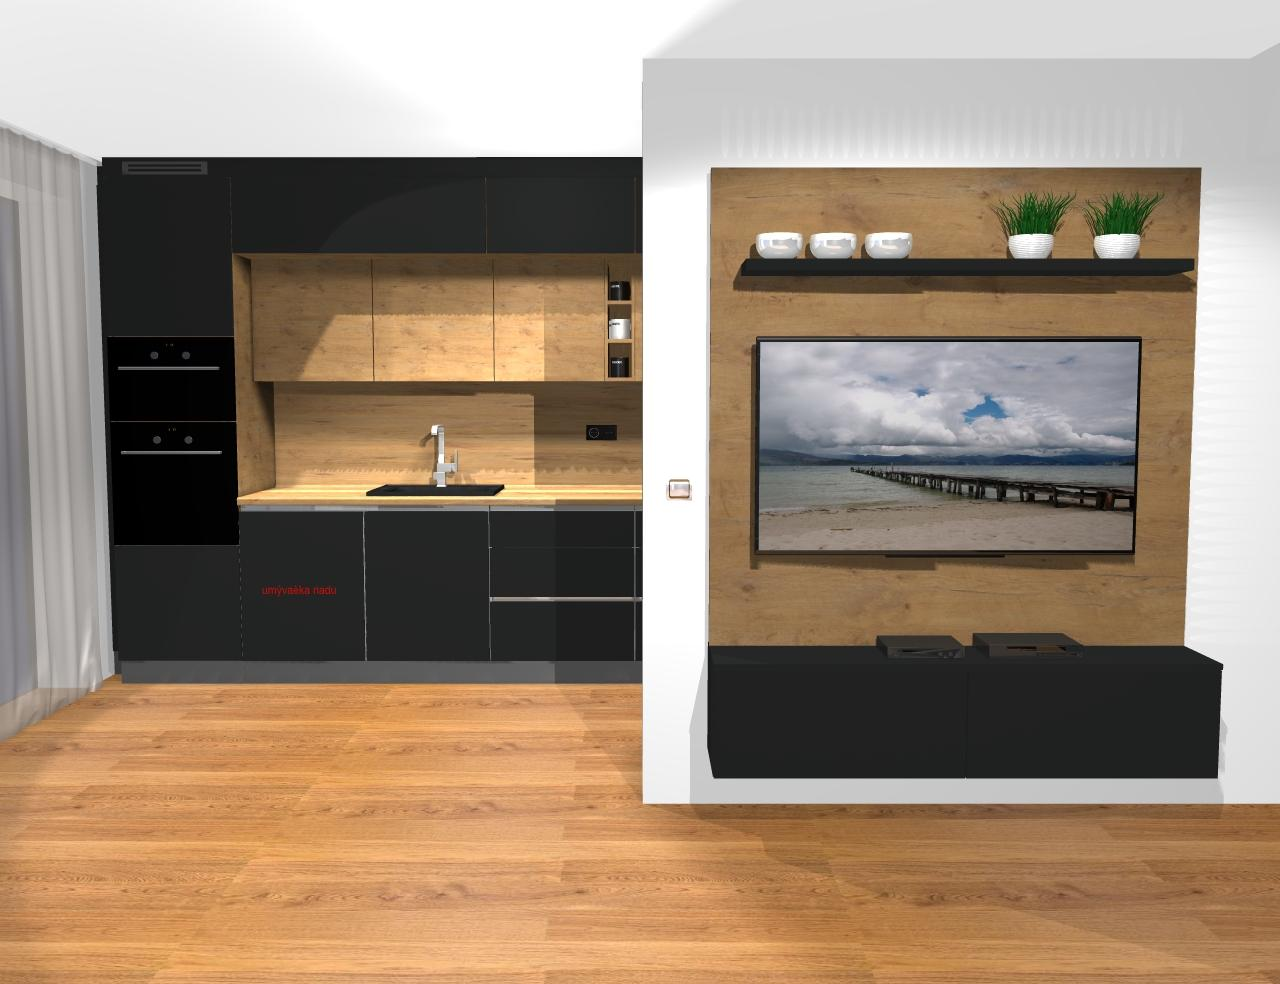 Grafické návrhy kuchynských liniek 2019 - Grafický návrh kuchyne a Tv steny do paneláku v BB - obr.2